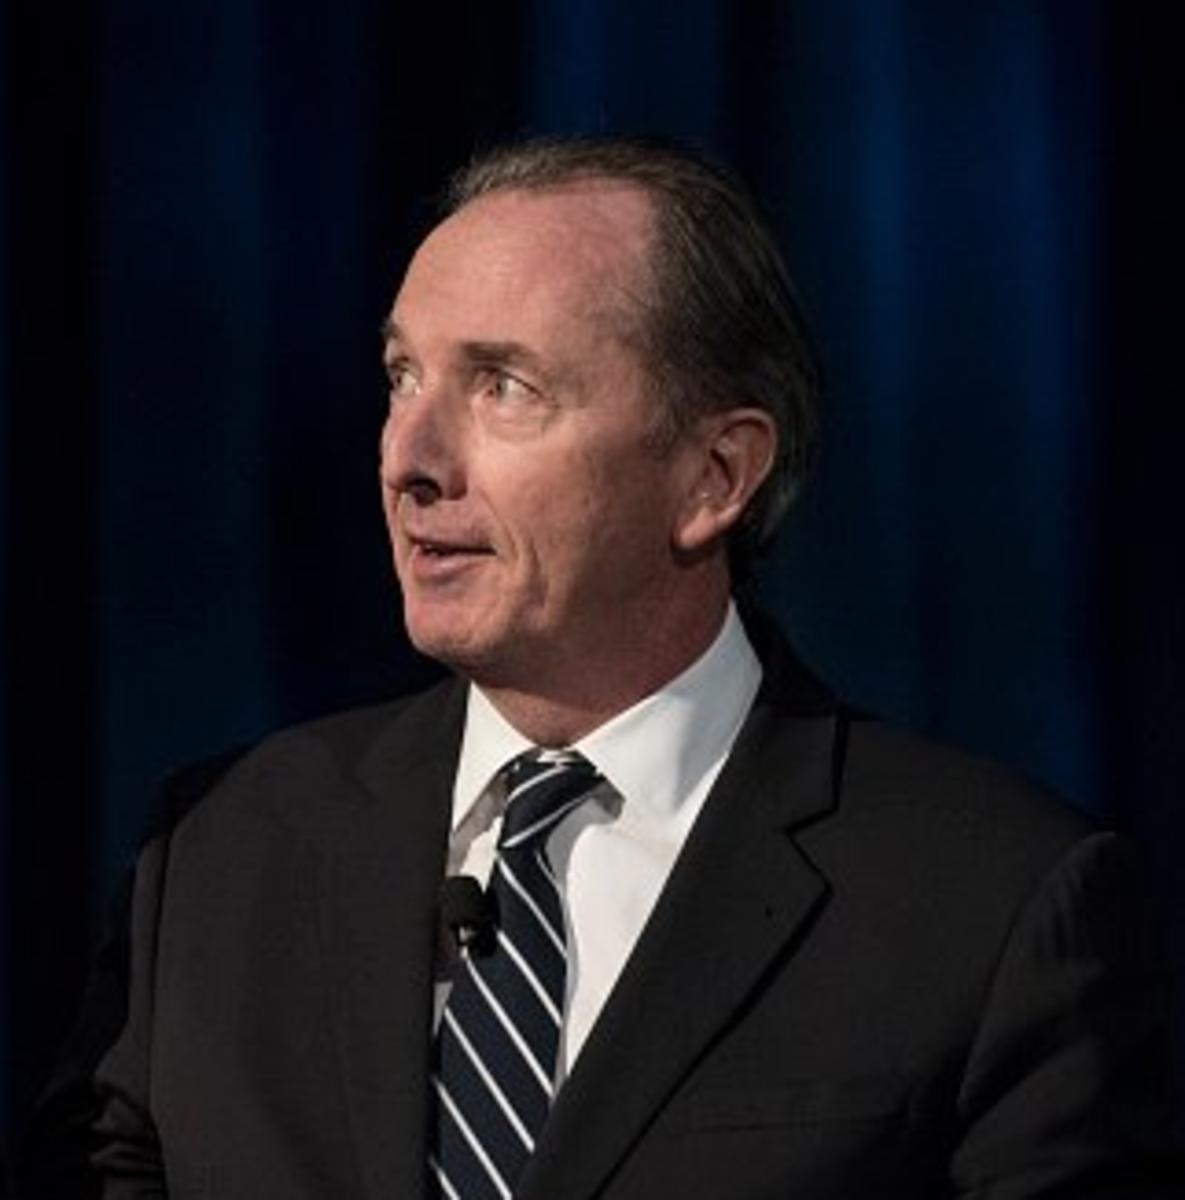 Layoffs Watch '19: Morgan Stanley's Got Some Bad News